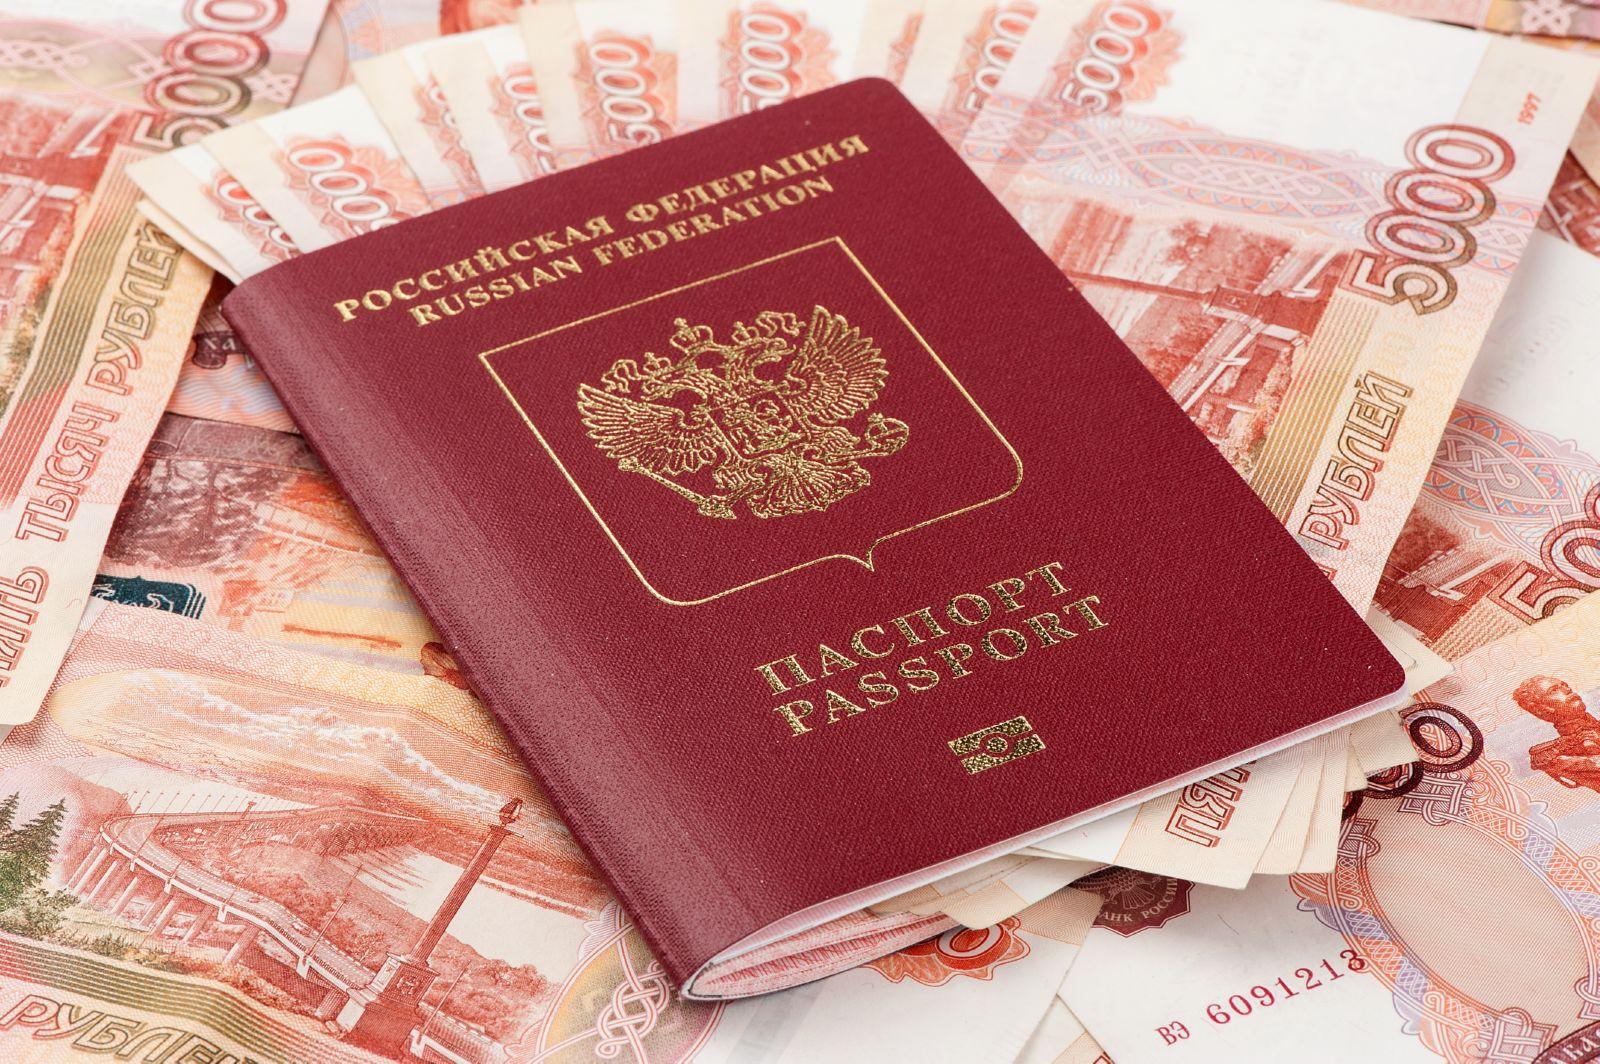 Госпошлина за выдачу водительских документов срок действия